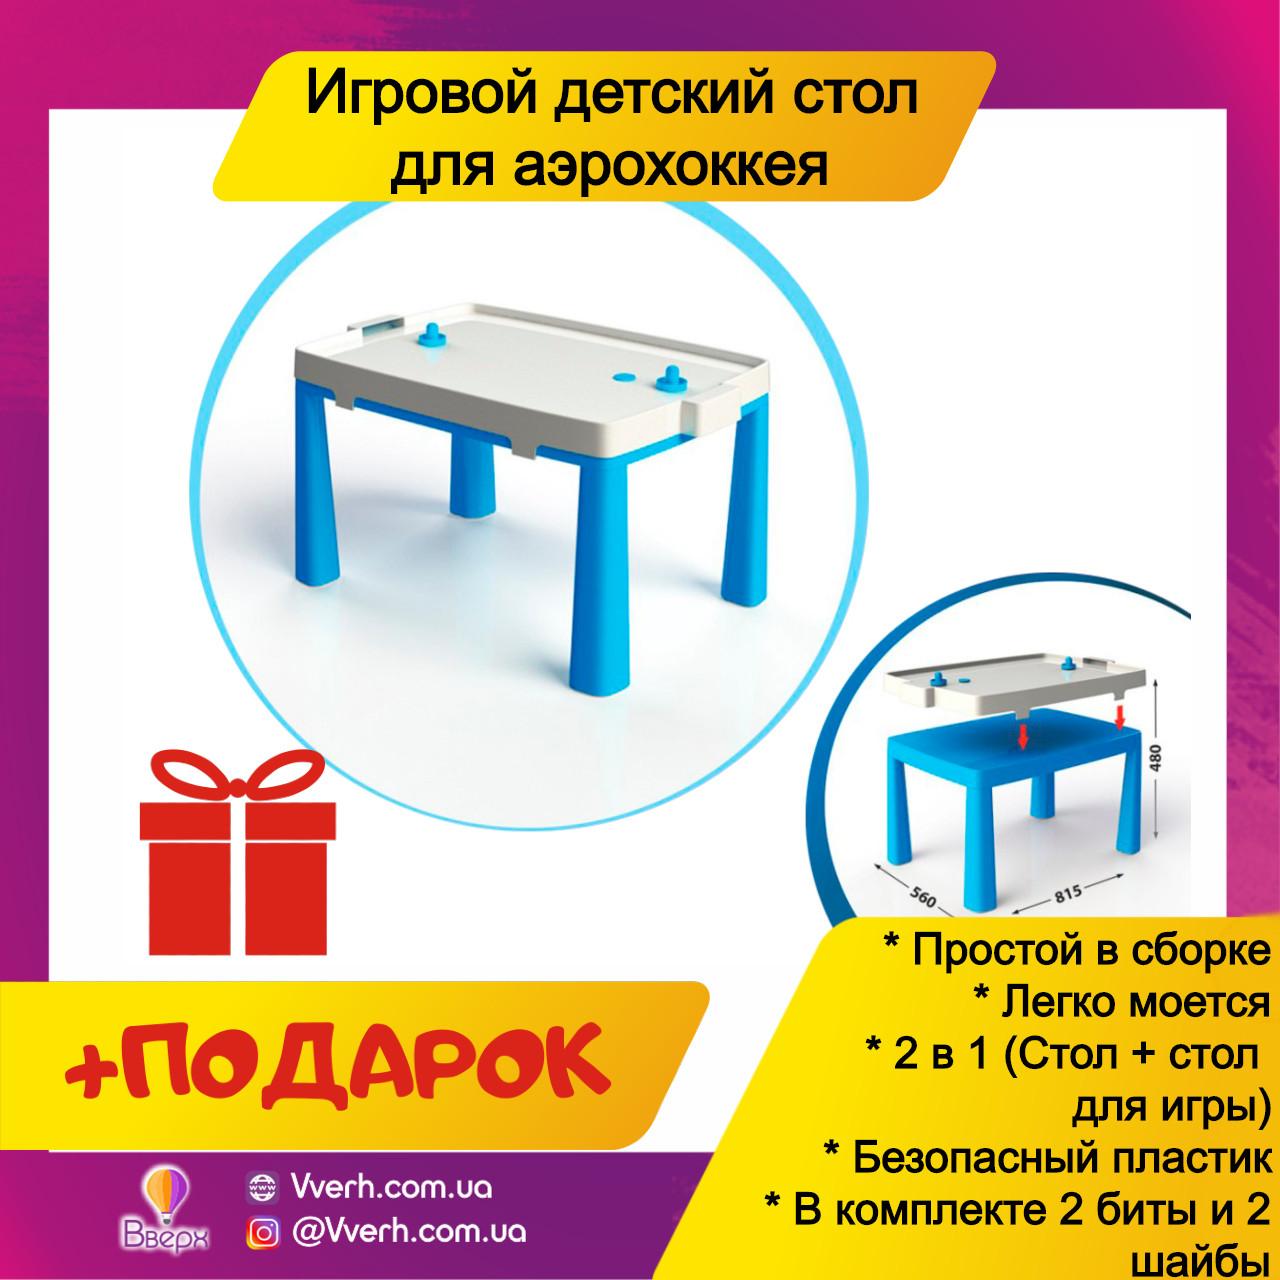 Пластиковый детский стол 2 в 1 + комплект (2 биты и 2 шайбы) для игры в аэрохоккей. Голубой